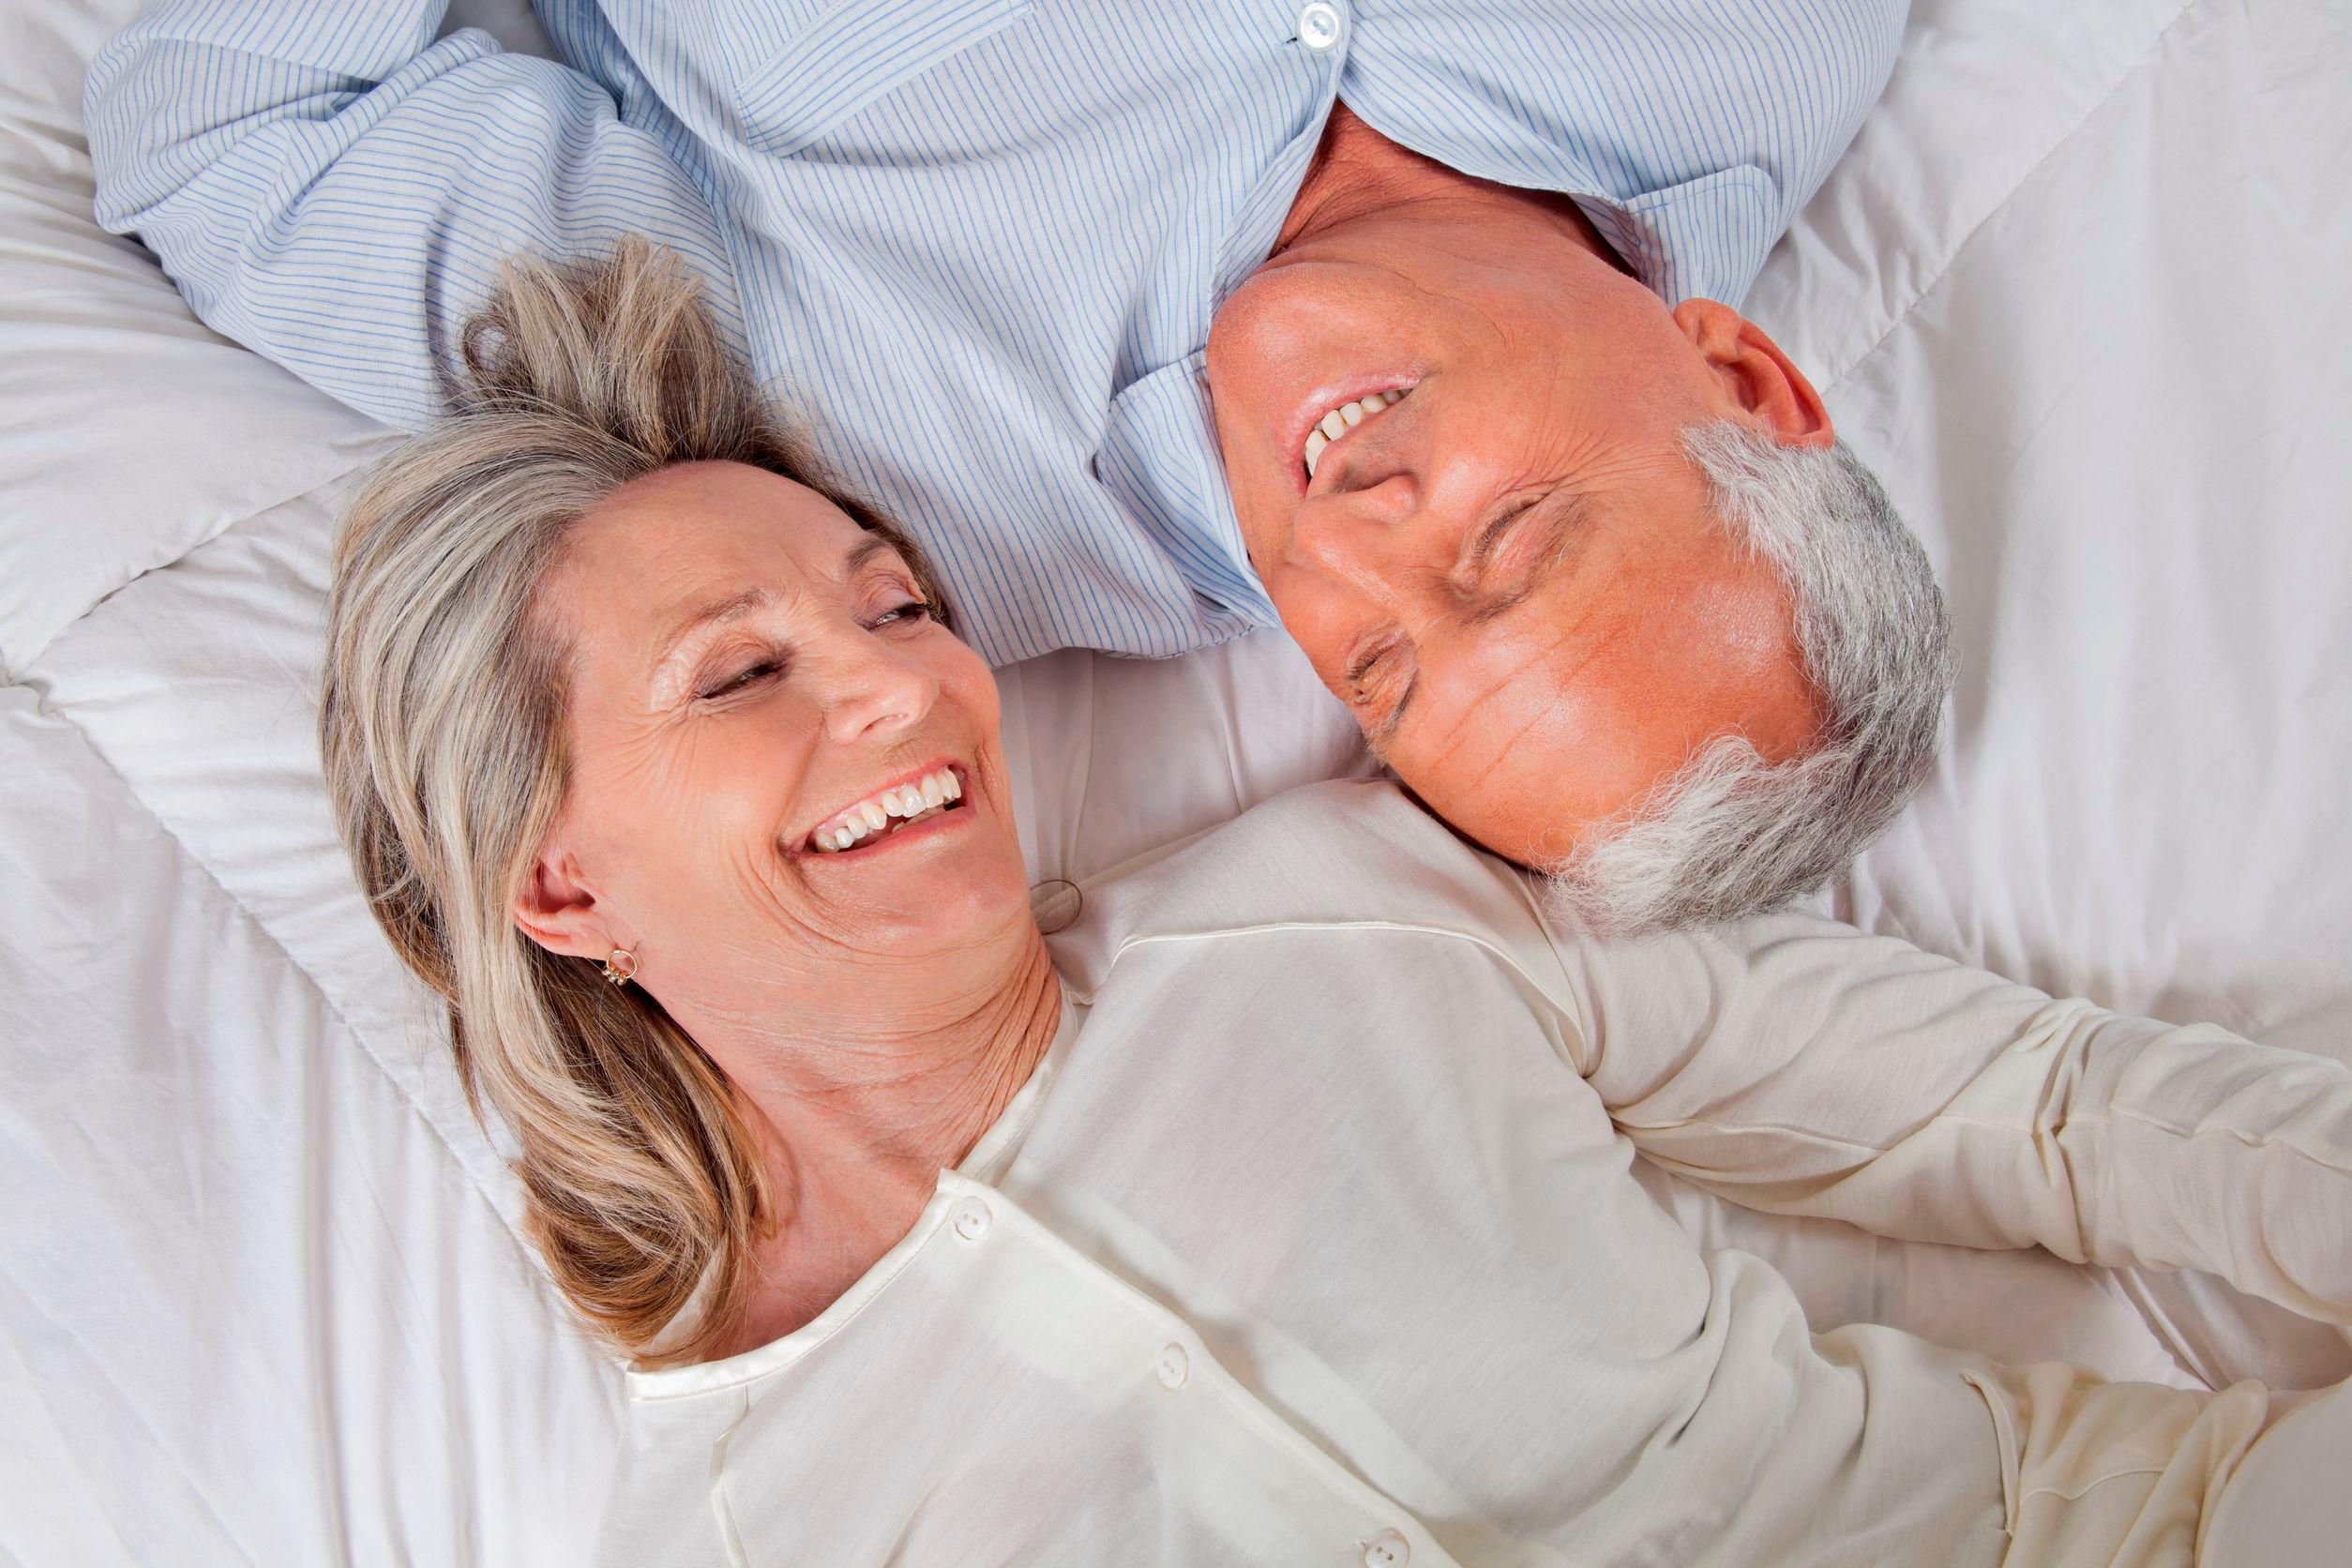 como influye la ropa de cama en el deseo sexual